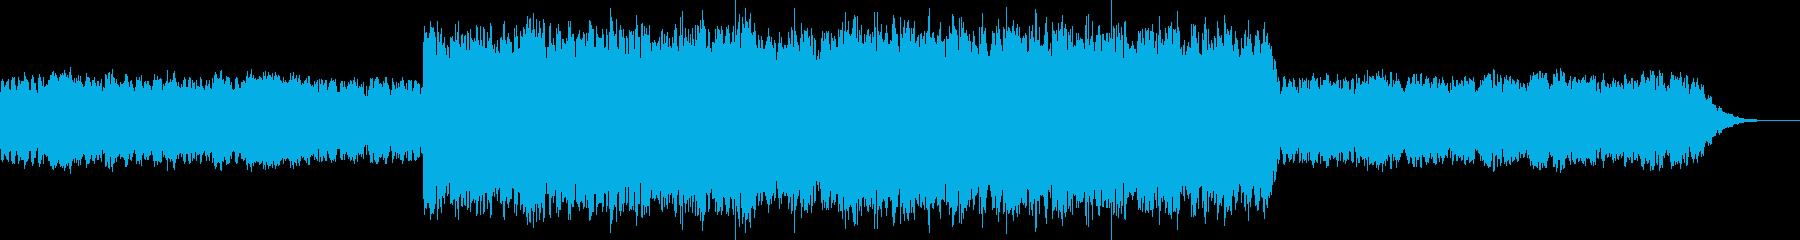 不思議な感じのポップスの再生済みの波形